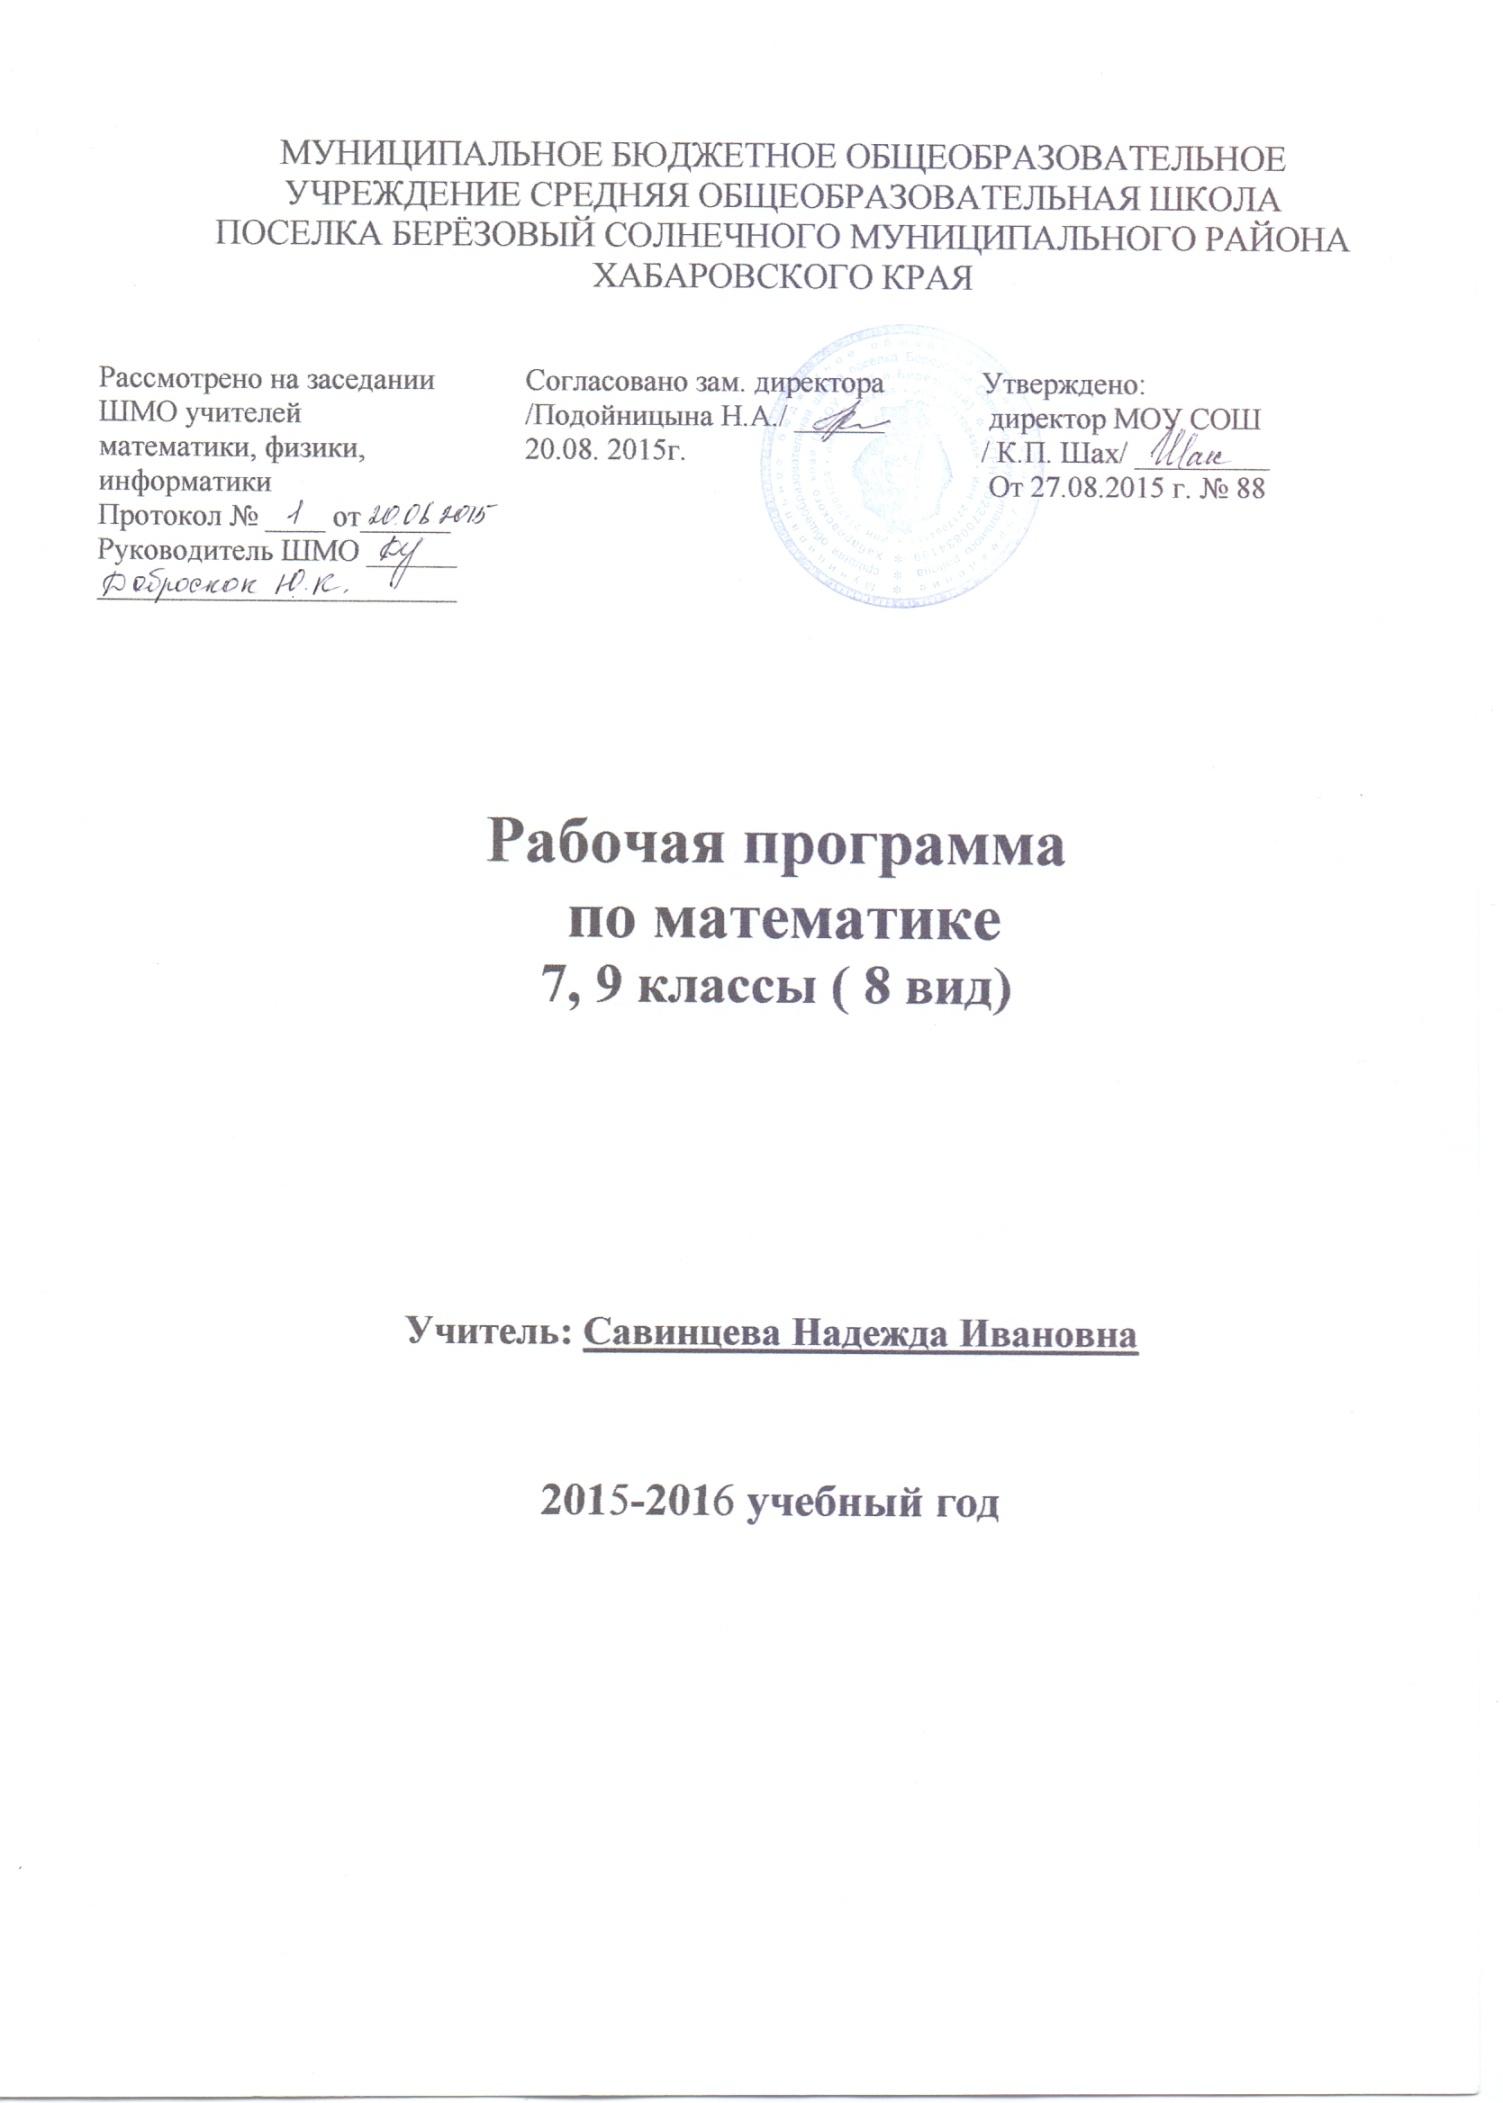 C:\Documents and Settings\Admin\Мои документы\Мои рисунки\Мои сканированные изображения\2016-02 (фев)\сканирование0002.jpg